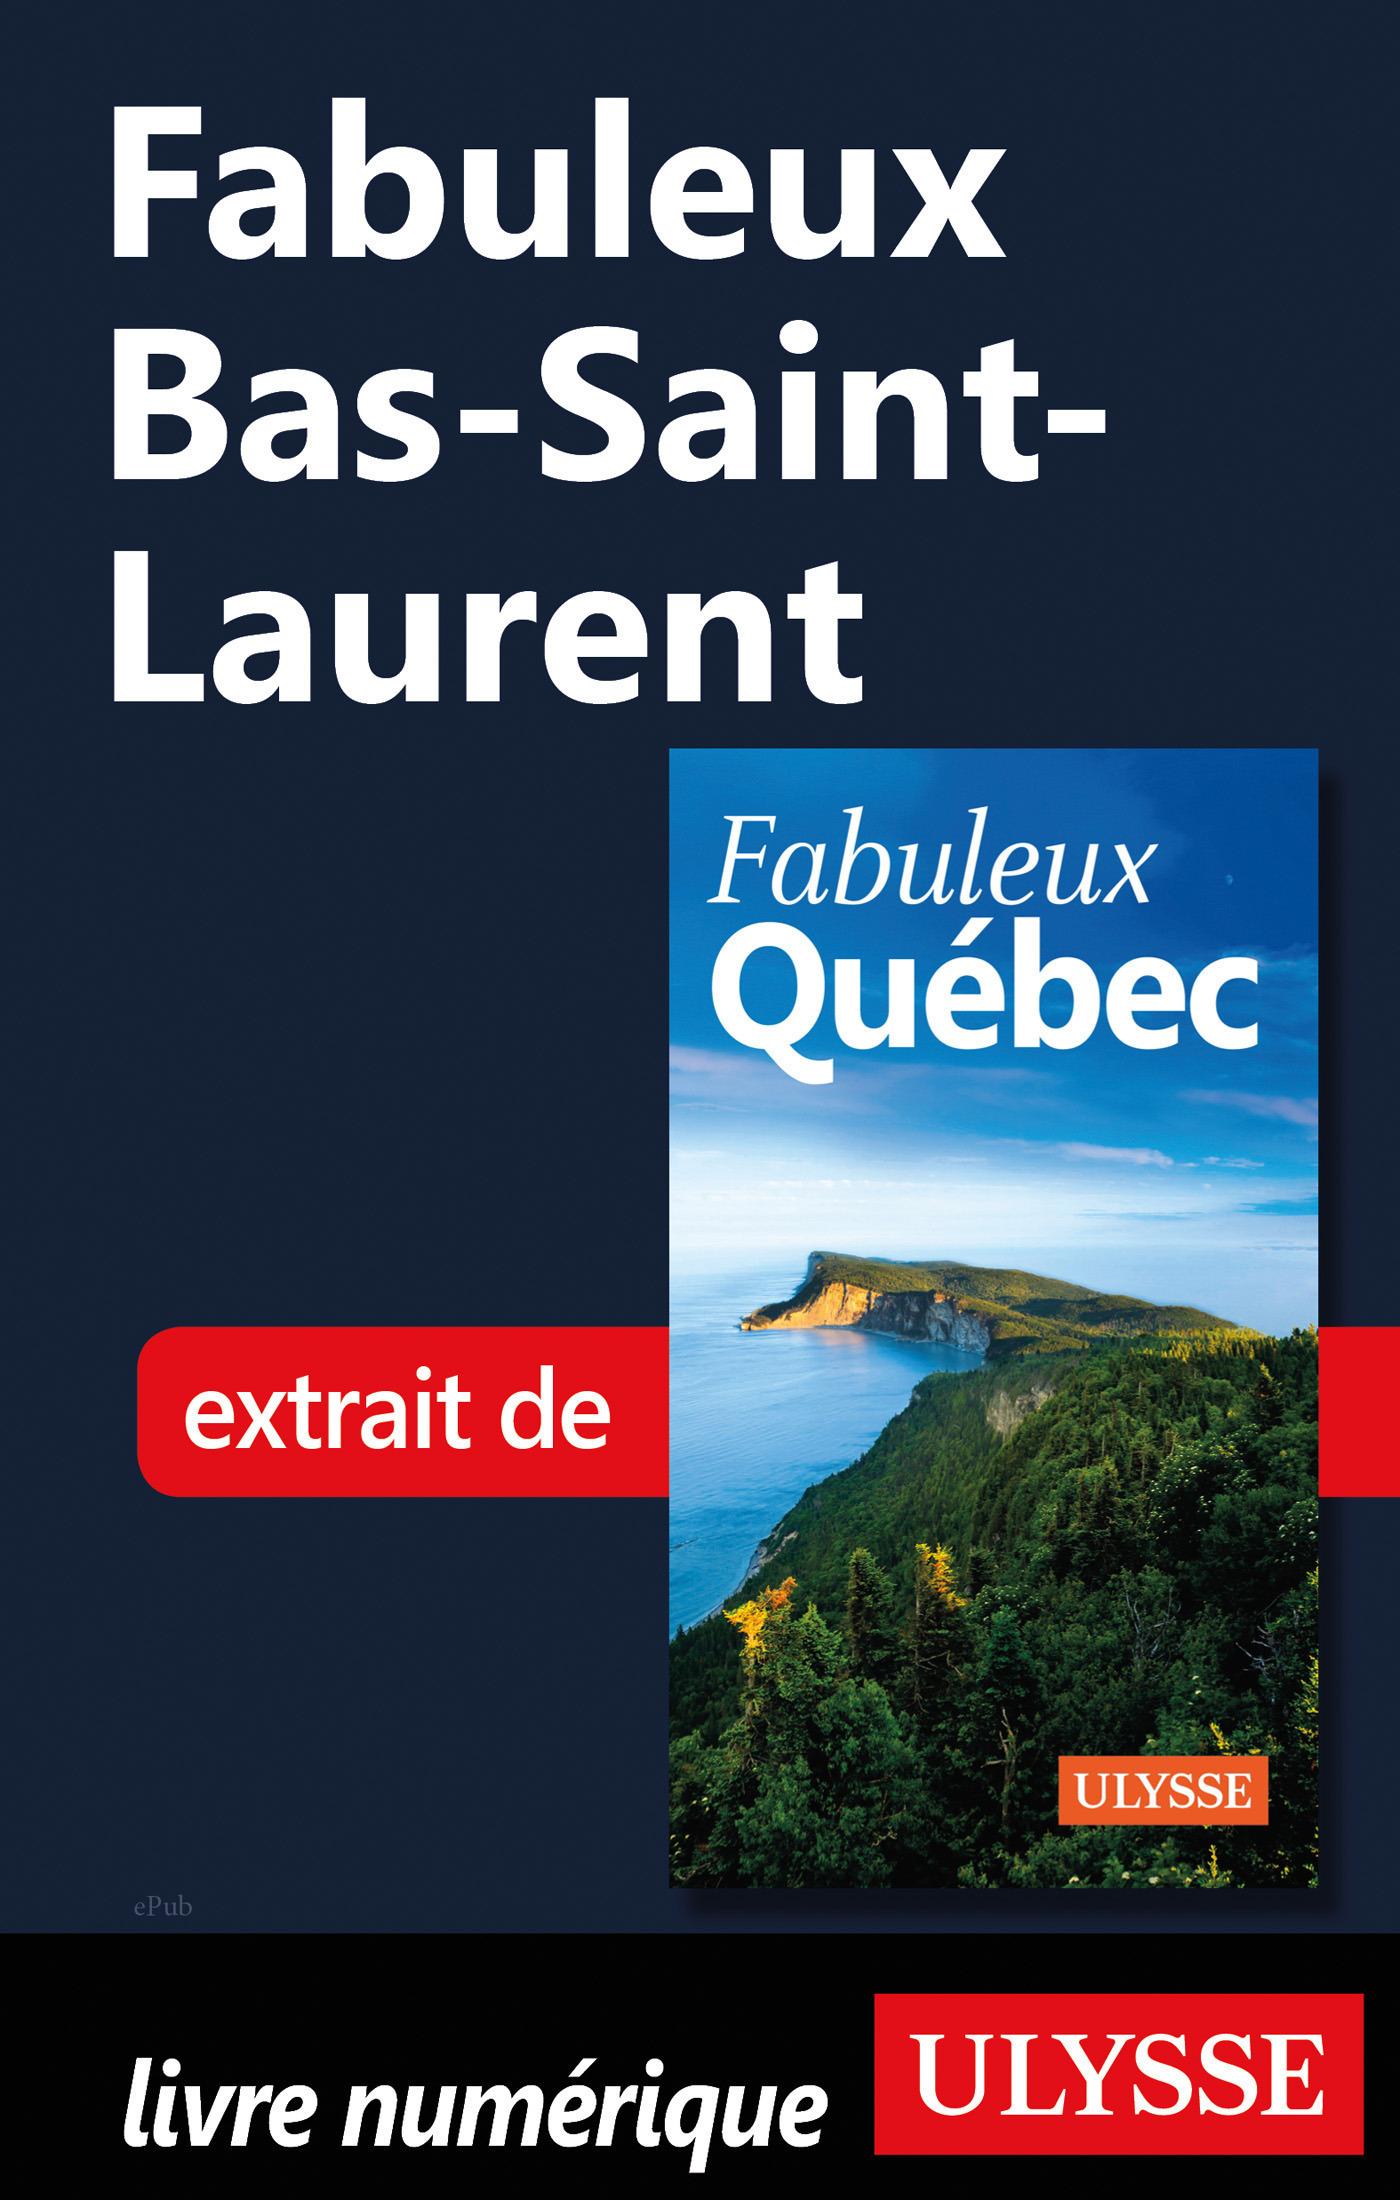 Fabuleux Bas-Saint-Laurent